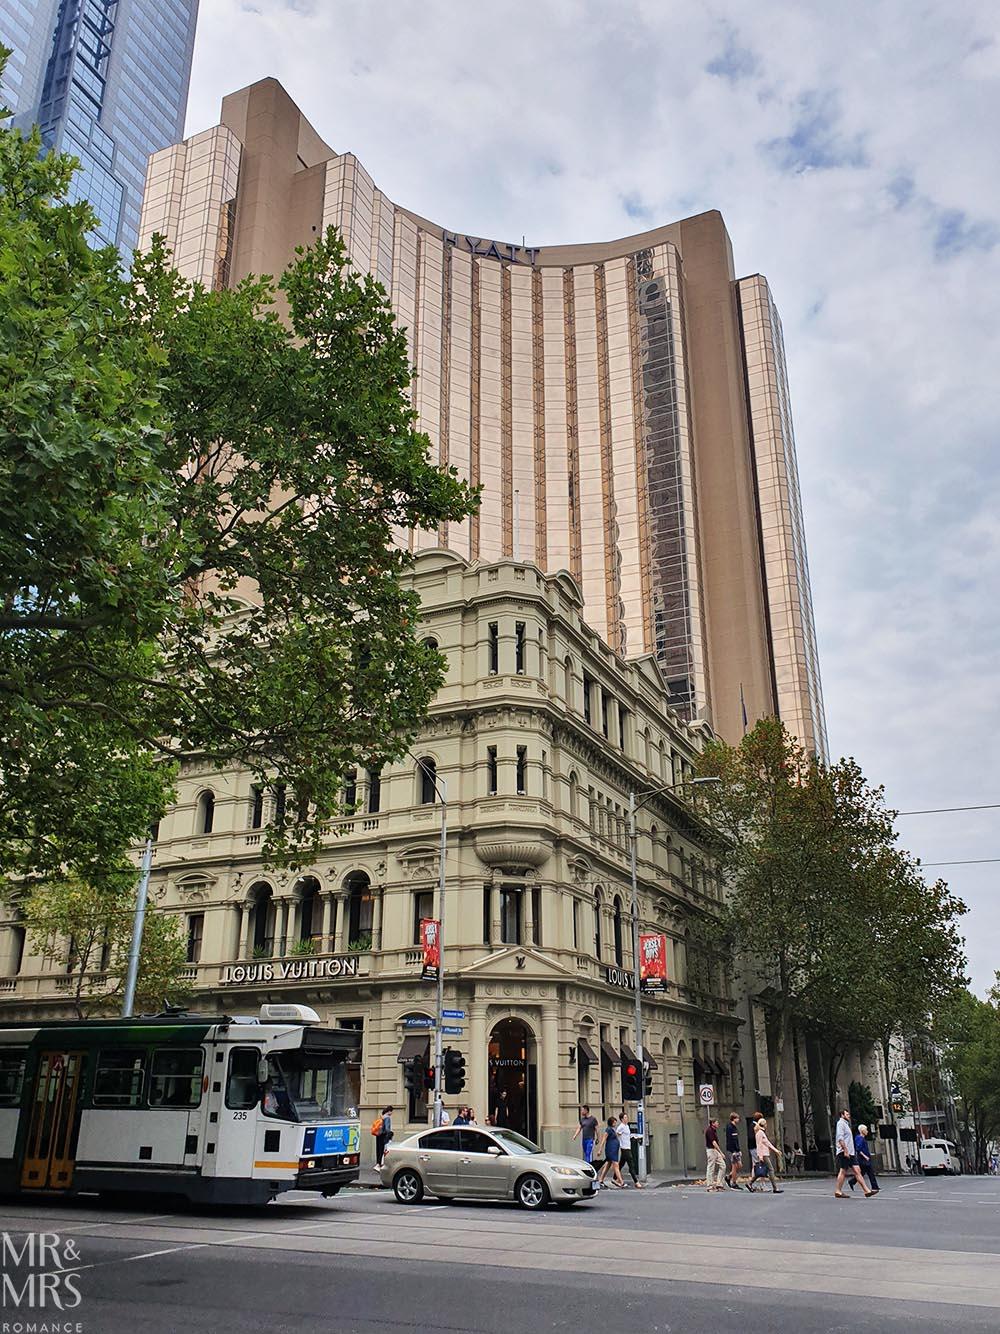 Melbourne street scene